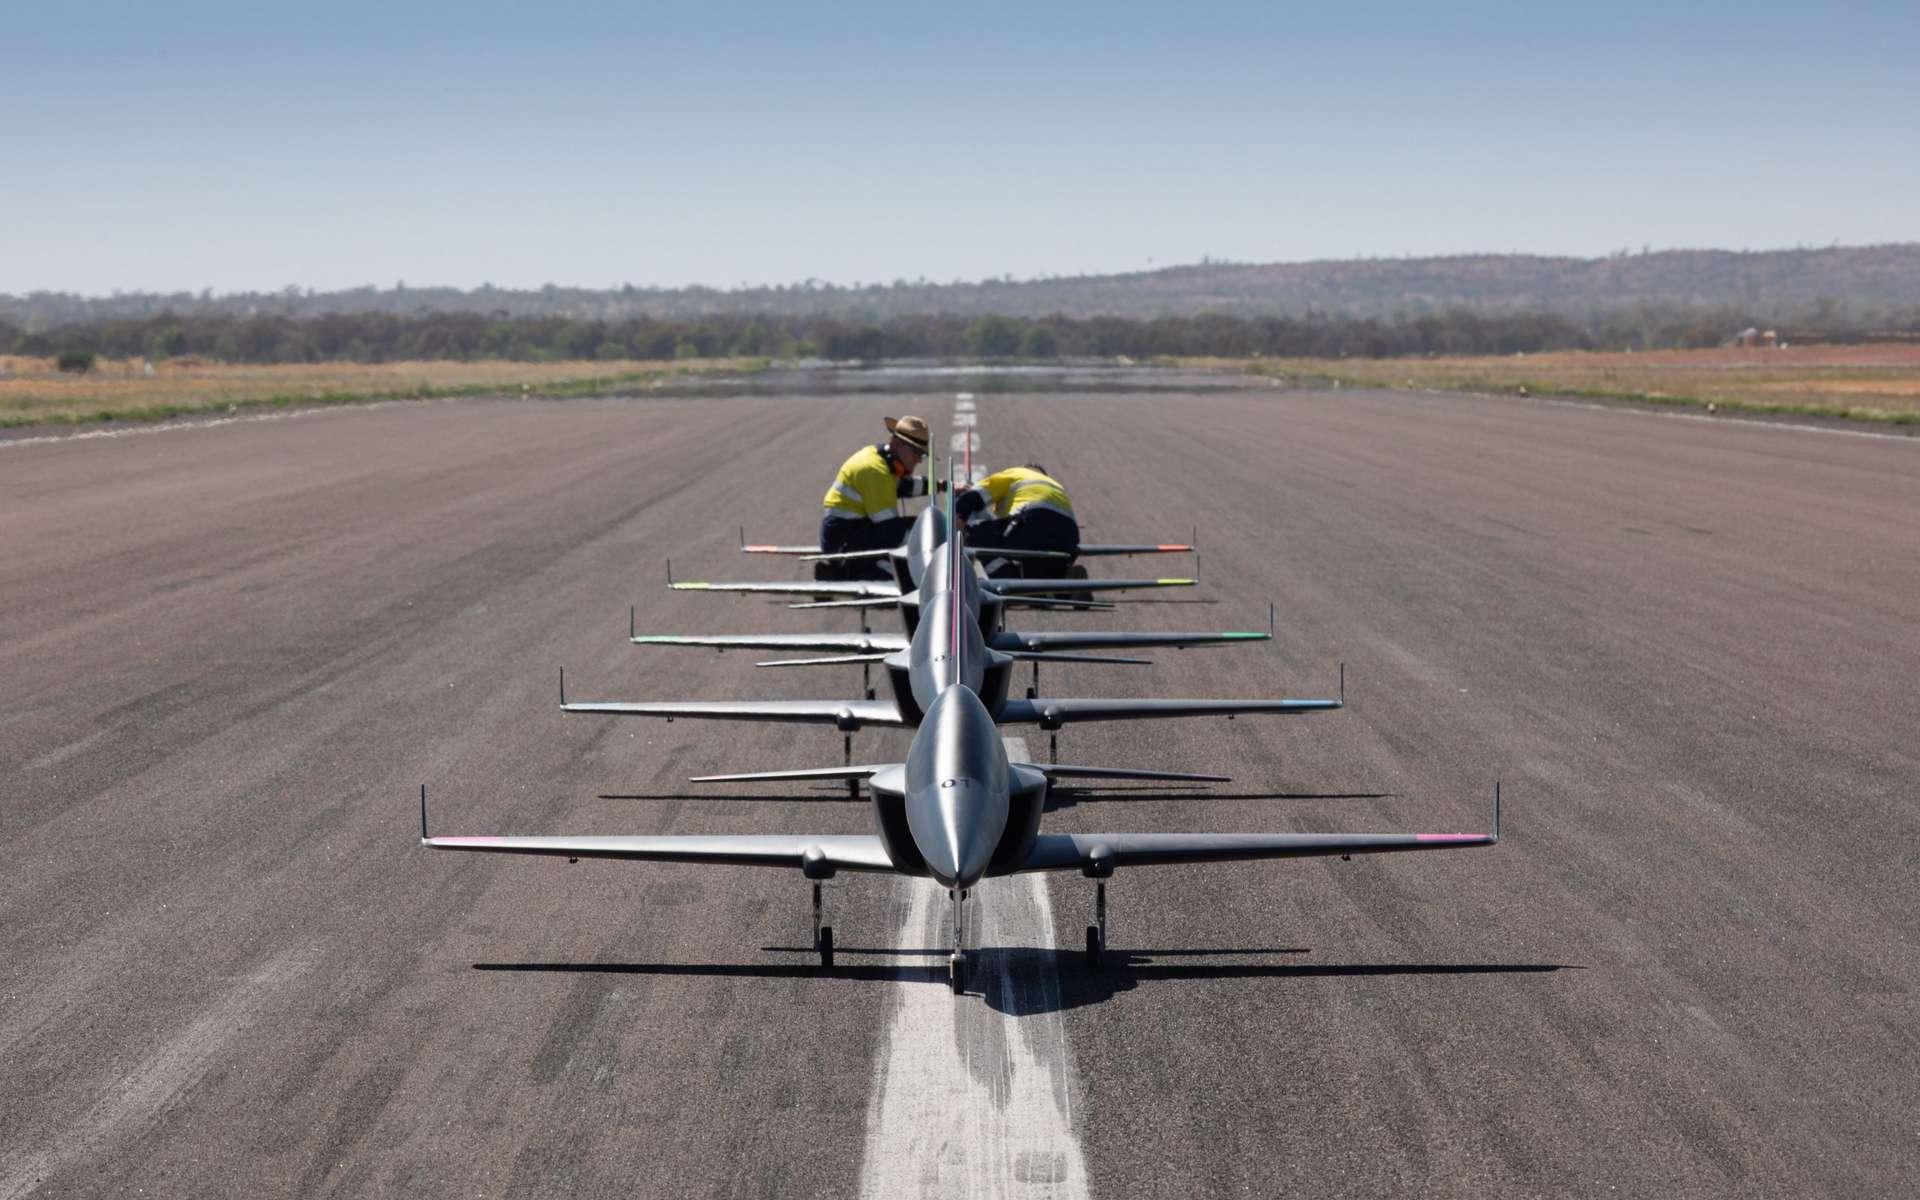 Boeing a développé un pilotage automatique capable de faire voler 5 jets en formation. © Boeing